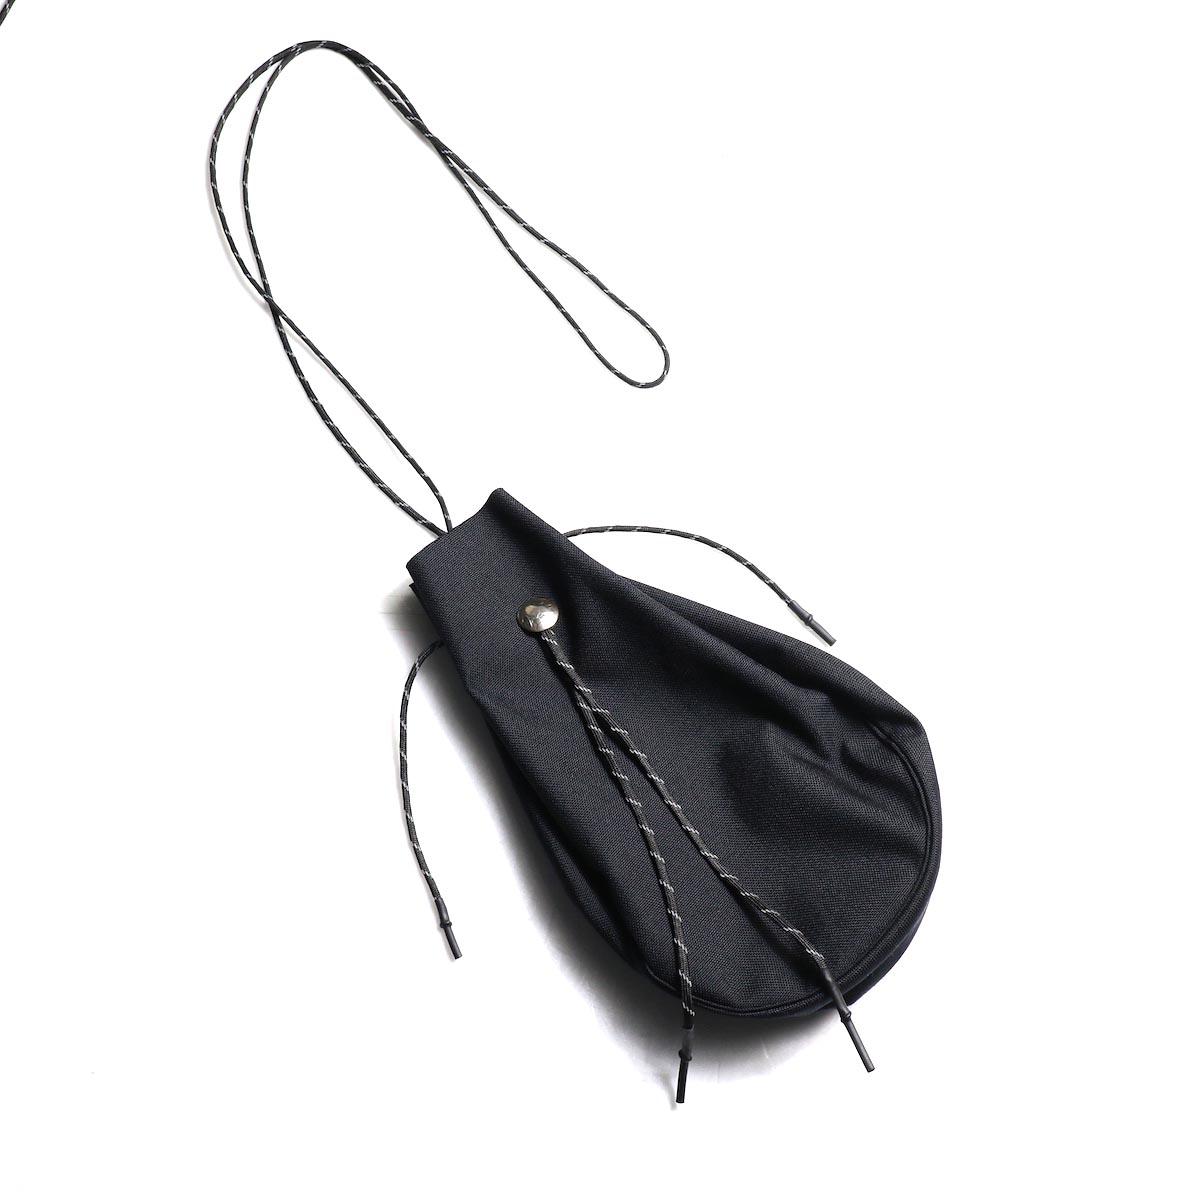 吉岡衣料店 / drawstring bag -L-. w/concho. (Black)正面